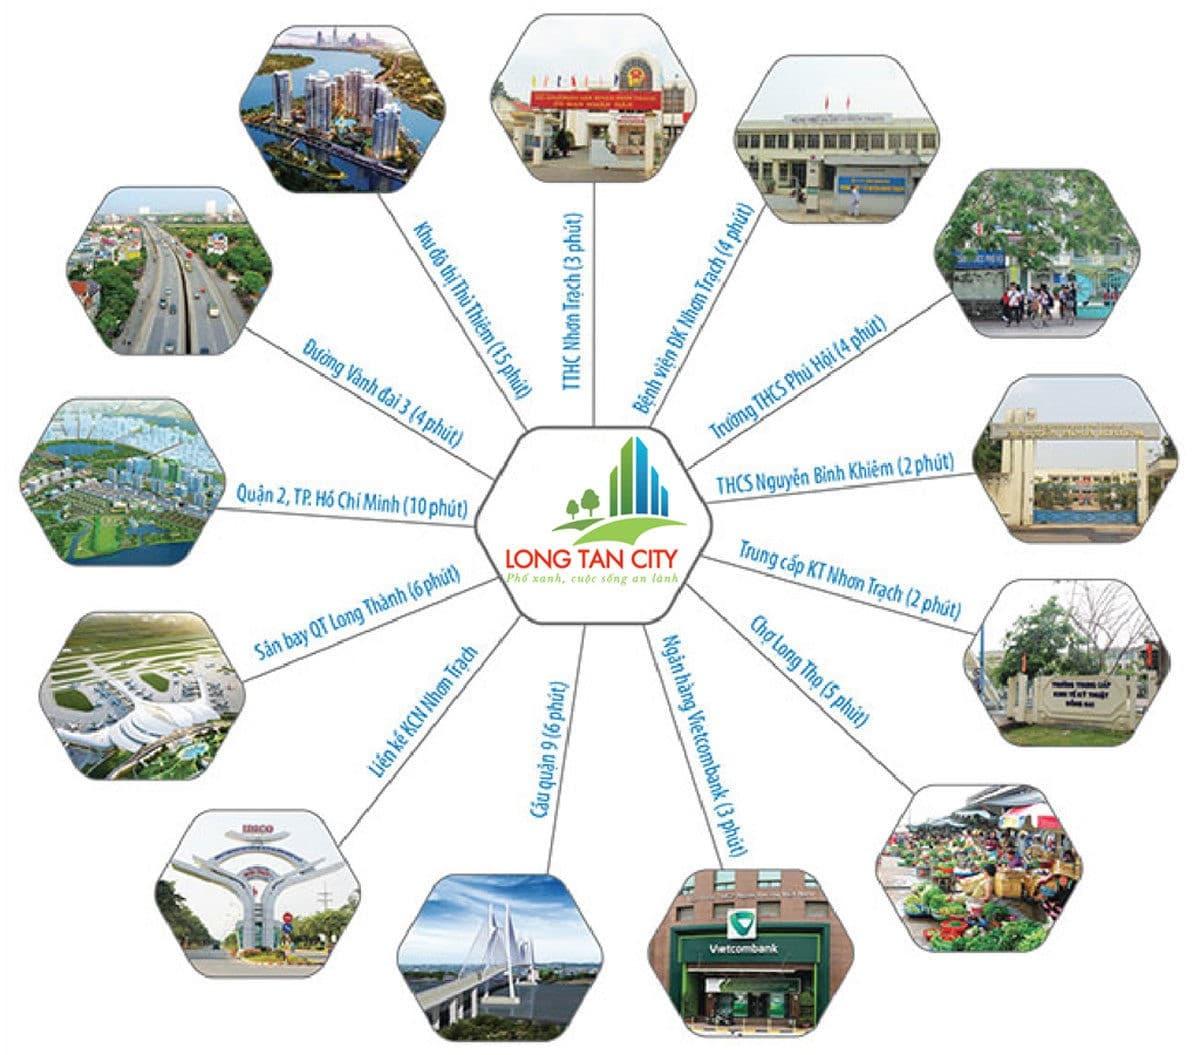 Tiện ích ngoại khu Dự án Long Tân City Nhơn Trạch Đồng Nai